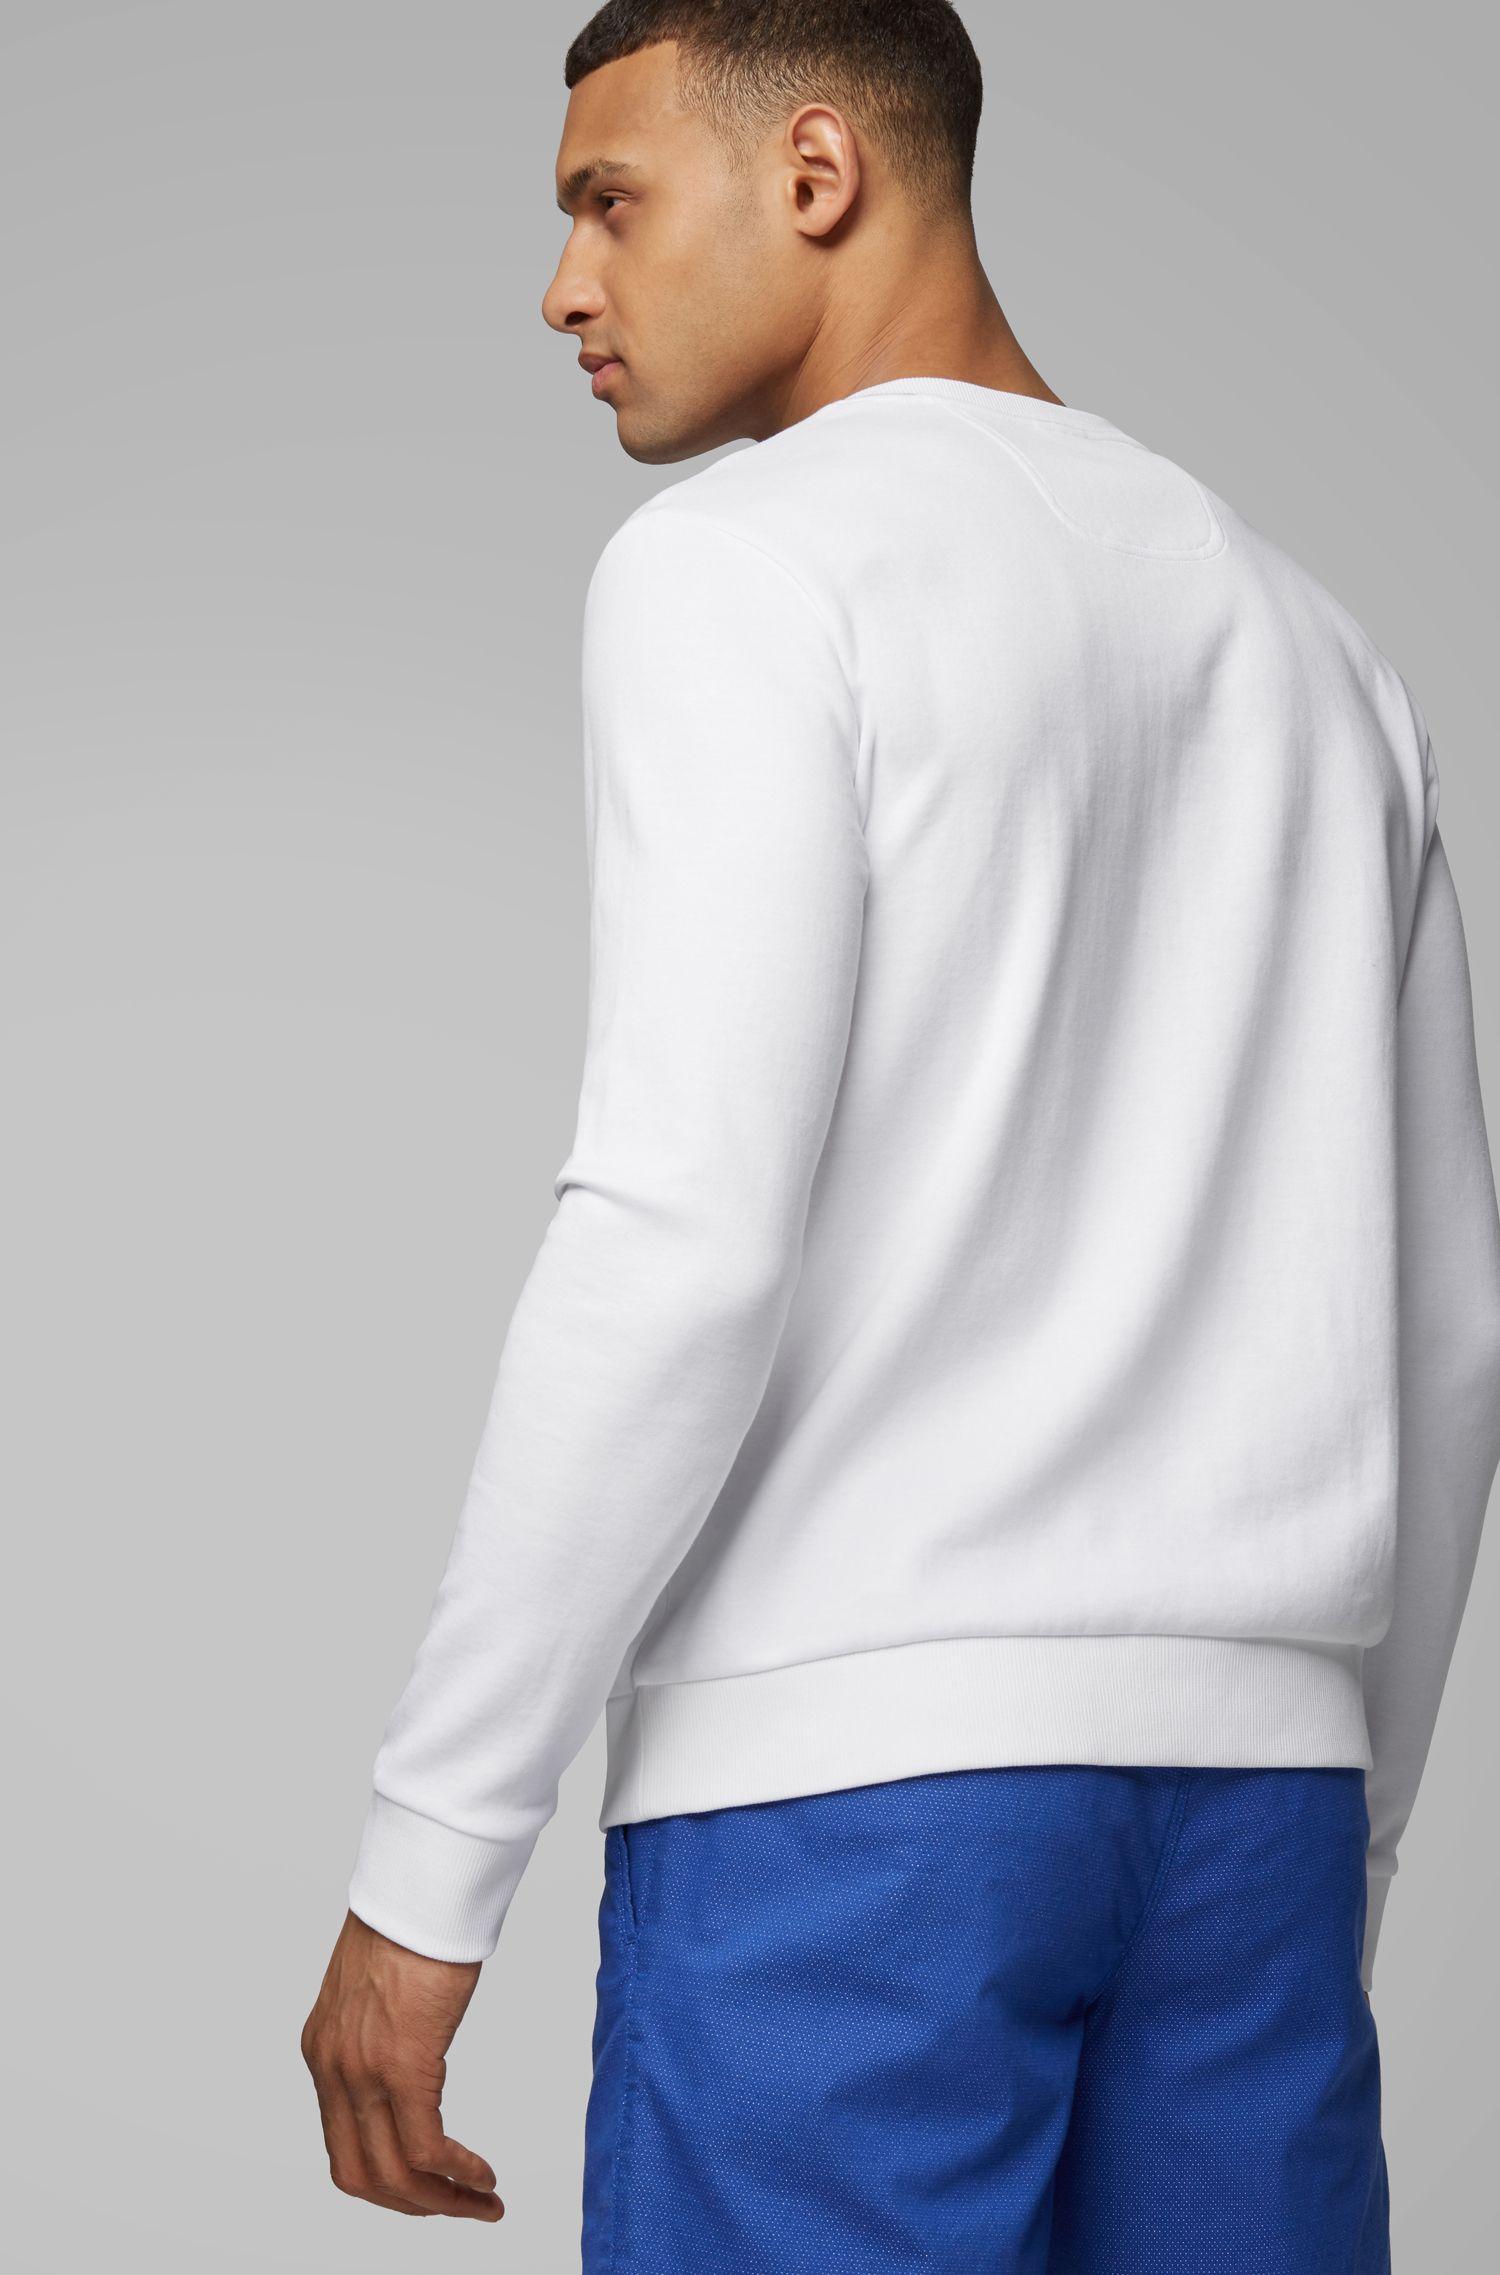 Sweatshirt mit saisonalem Logo-Artwork, Weiß